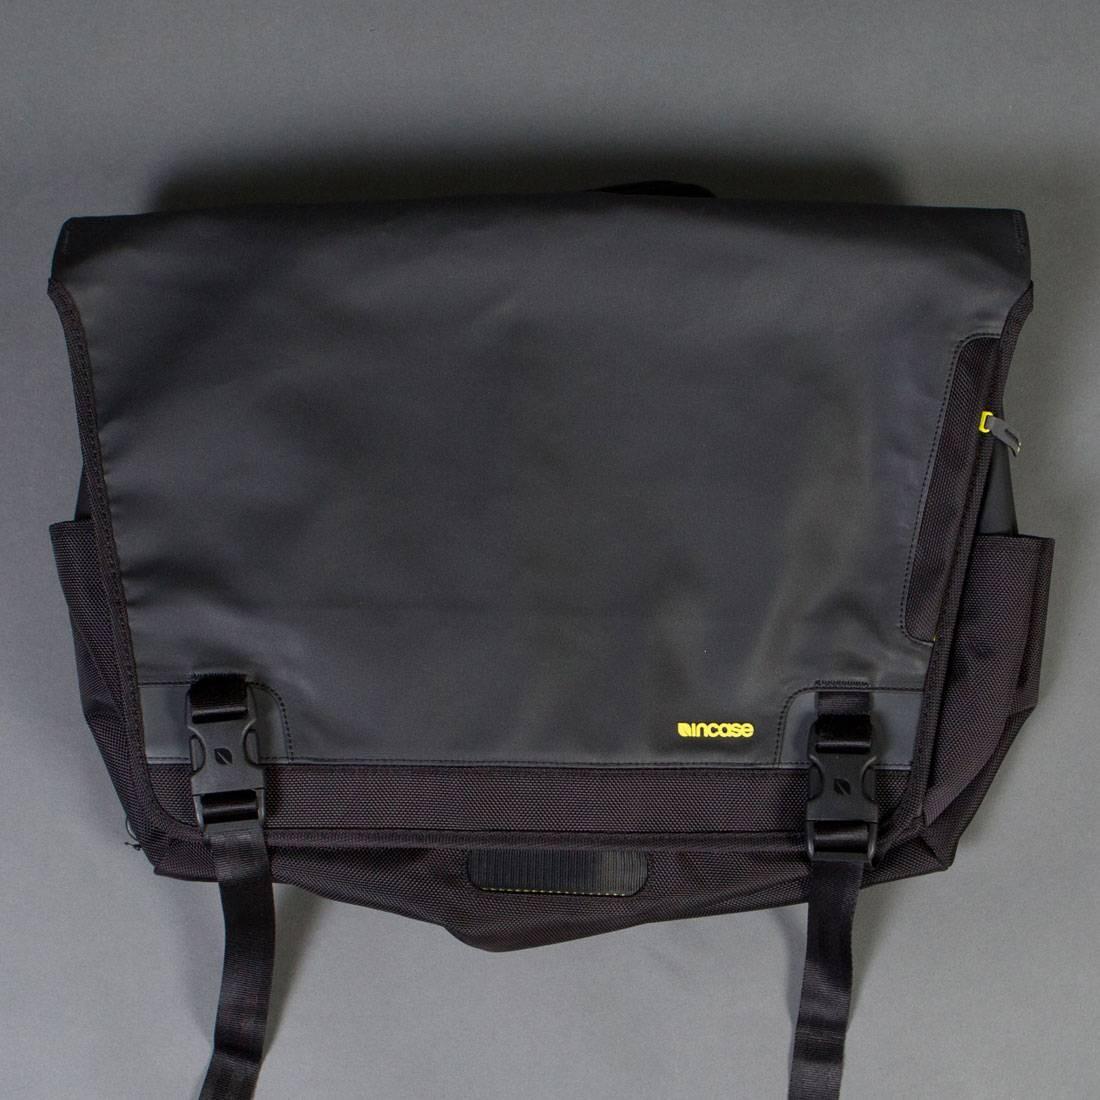 fd9e6d08a994 Incase Range Messenger Bag - Large black lumen